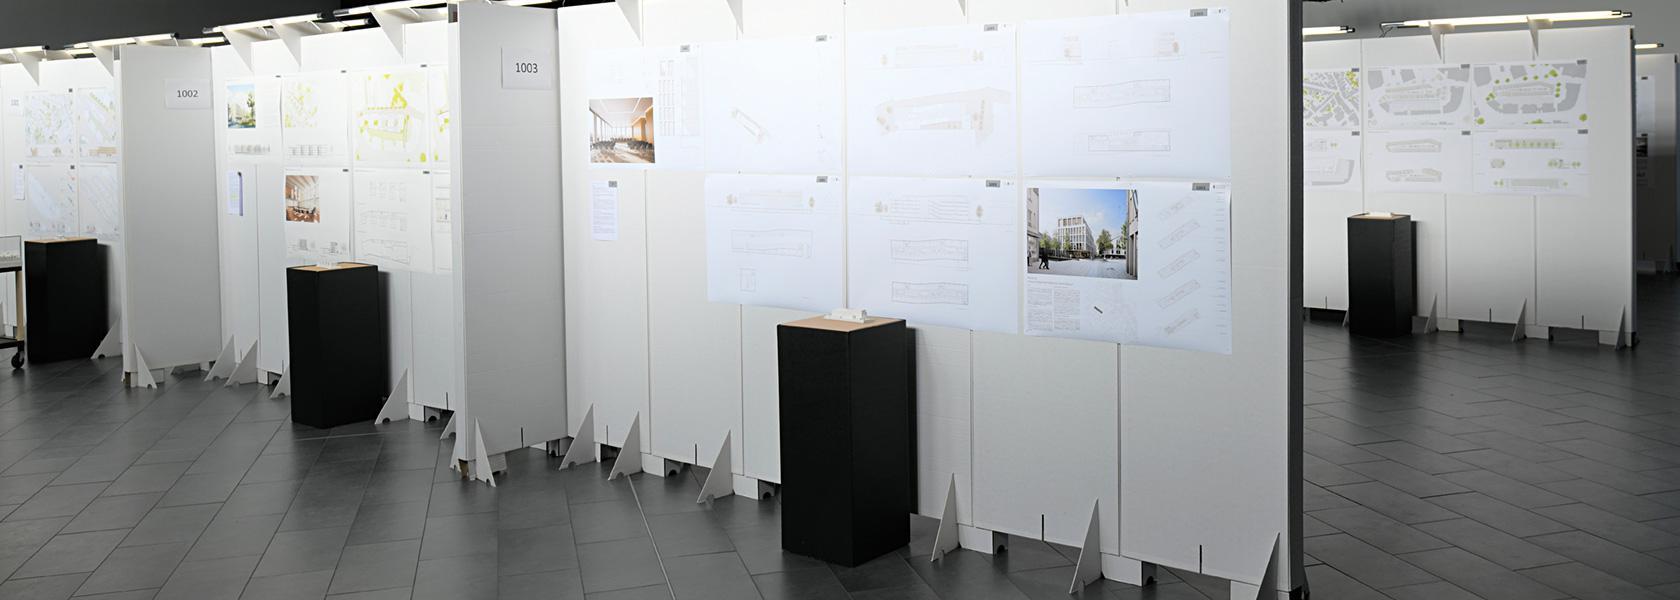 Architektenwettbewerb